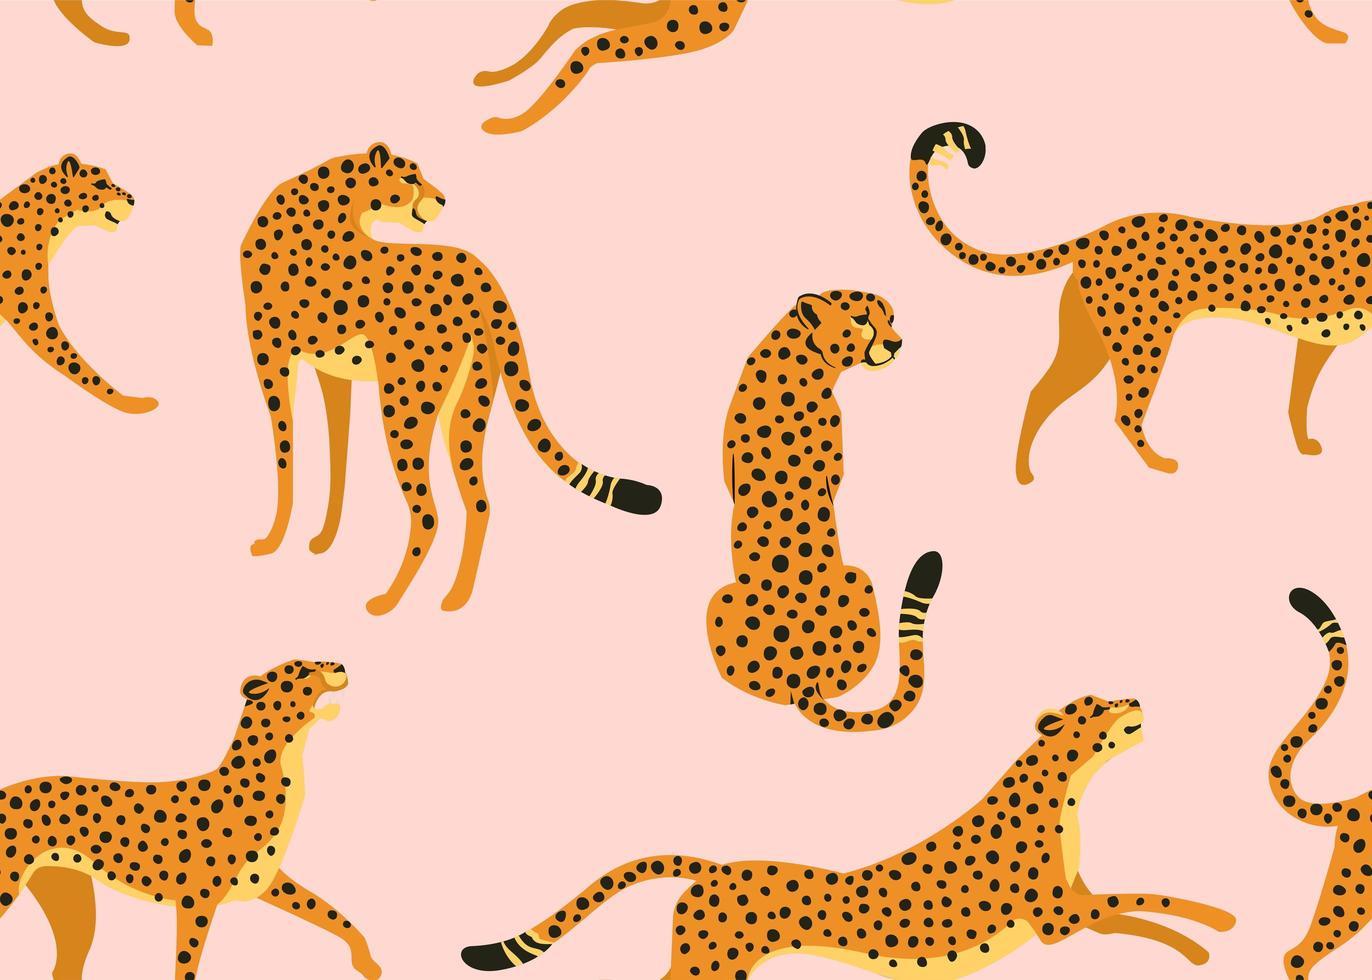 abstrakt leopardmönster. vektor sömlös konsistens. trendig illustration.